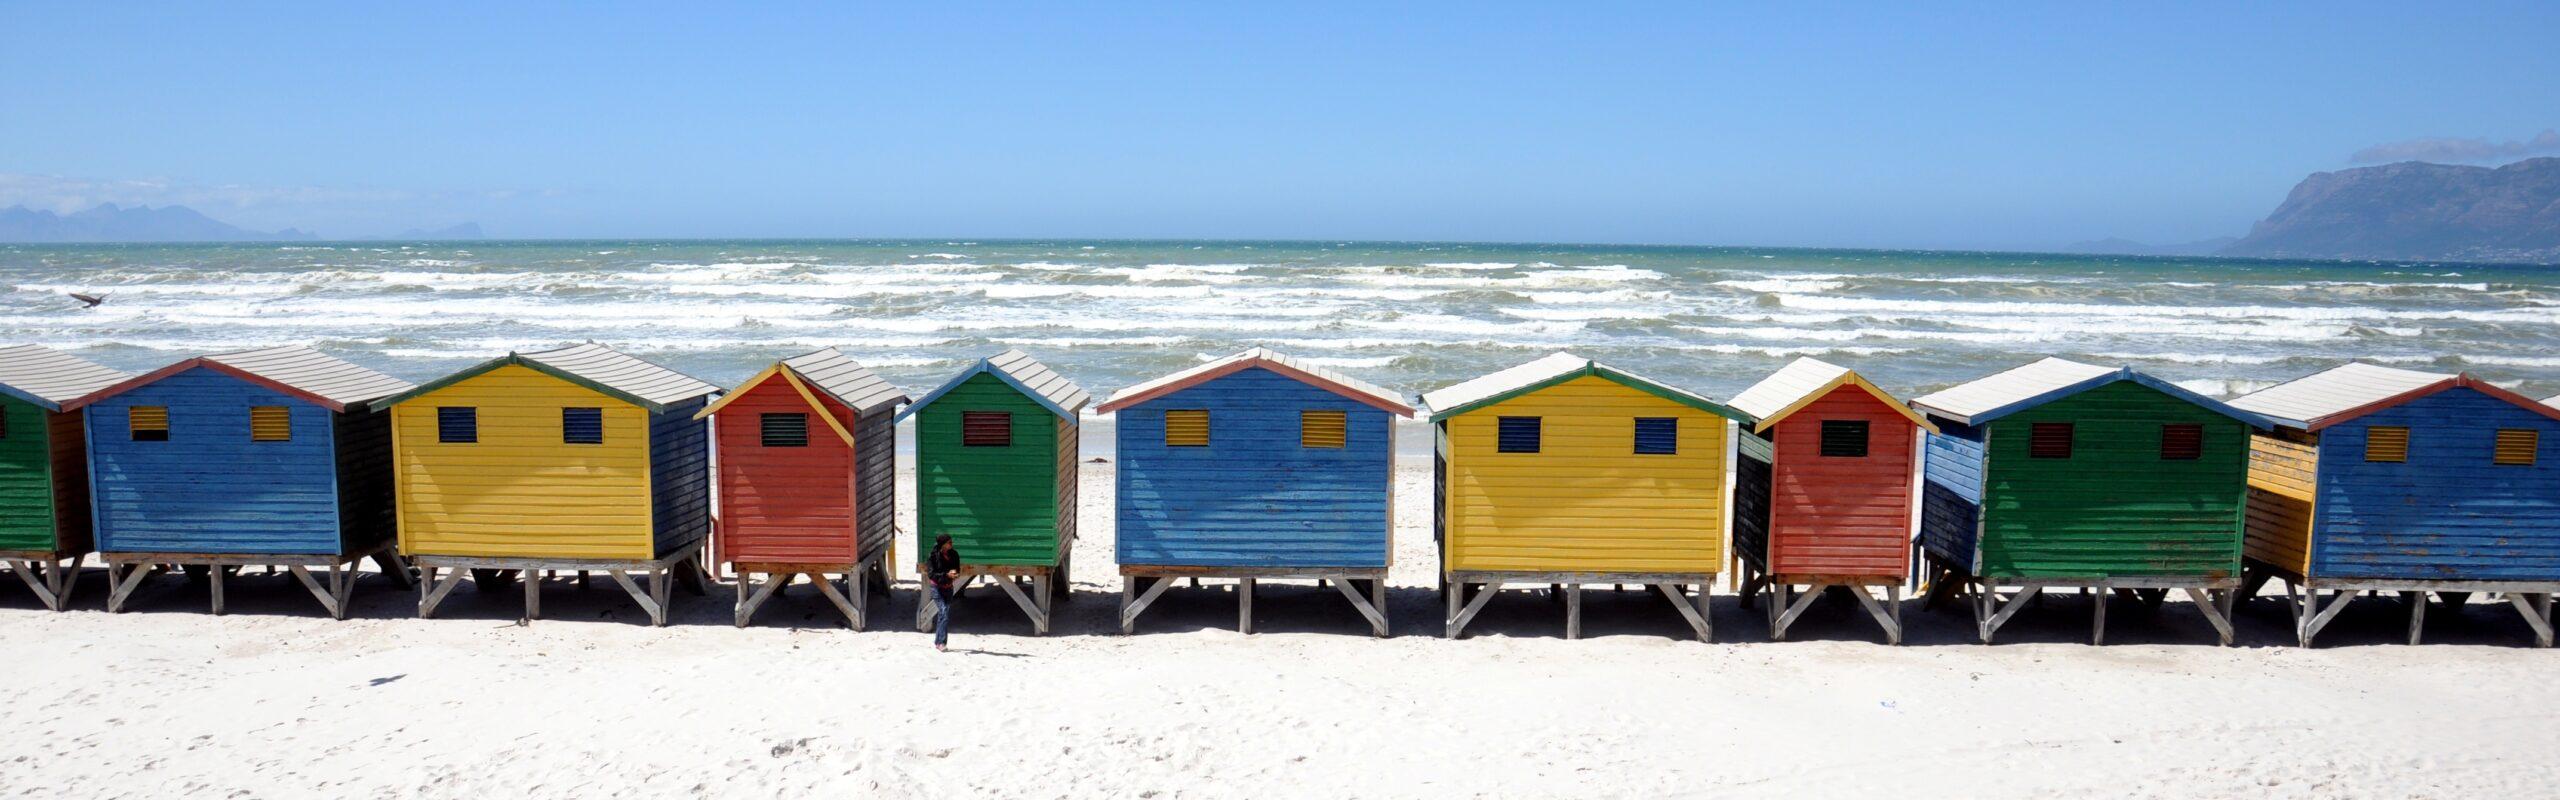 Diario di viaggio in Sudafrica: 4 giorni a Cape Town e dintorni